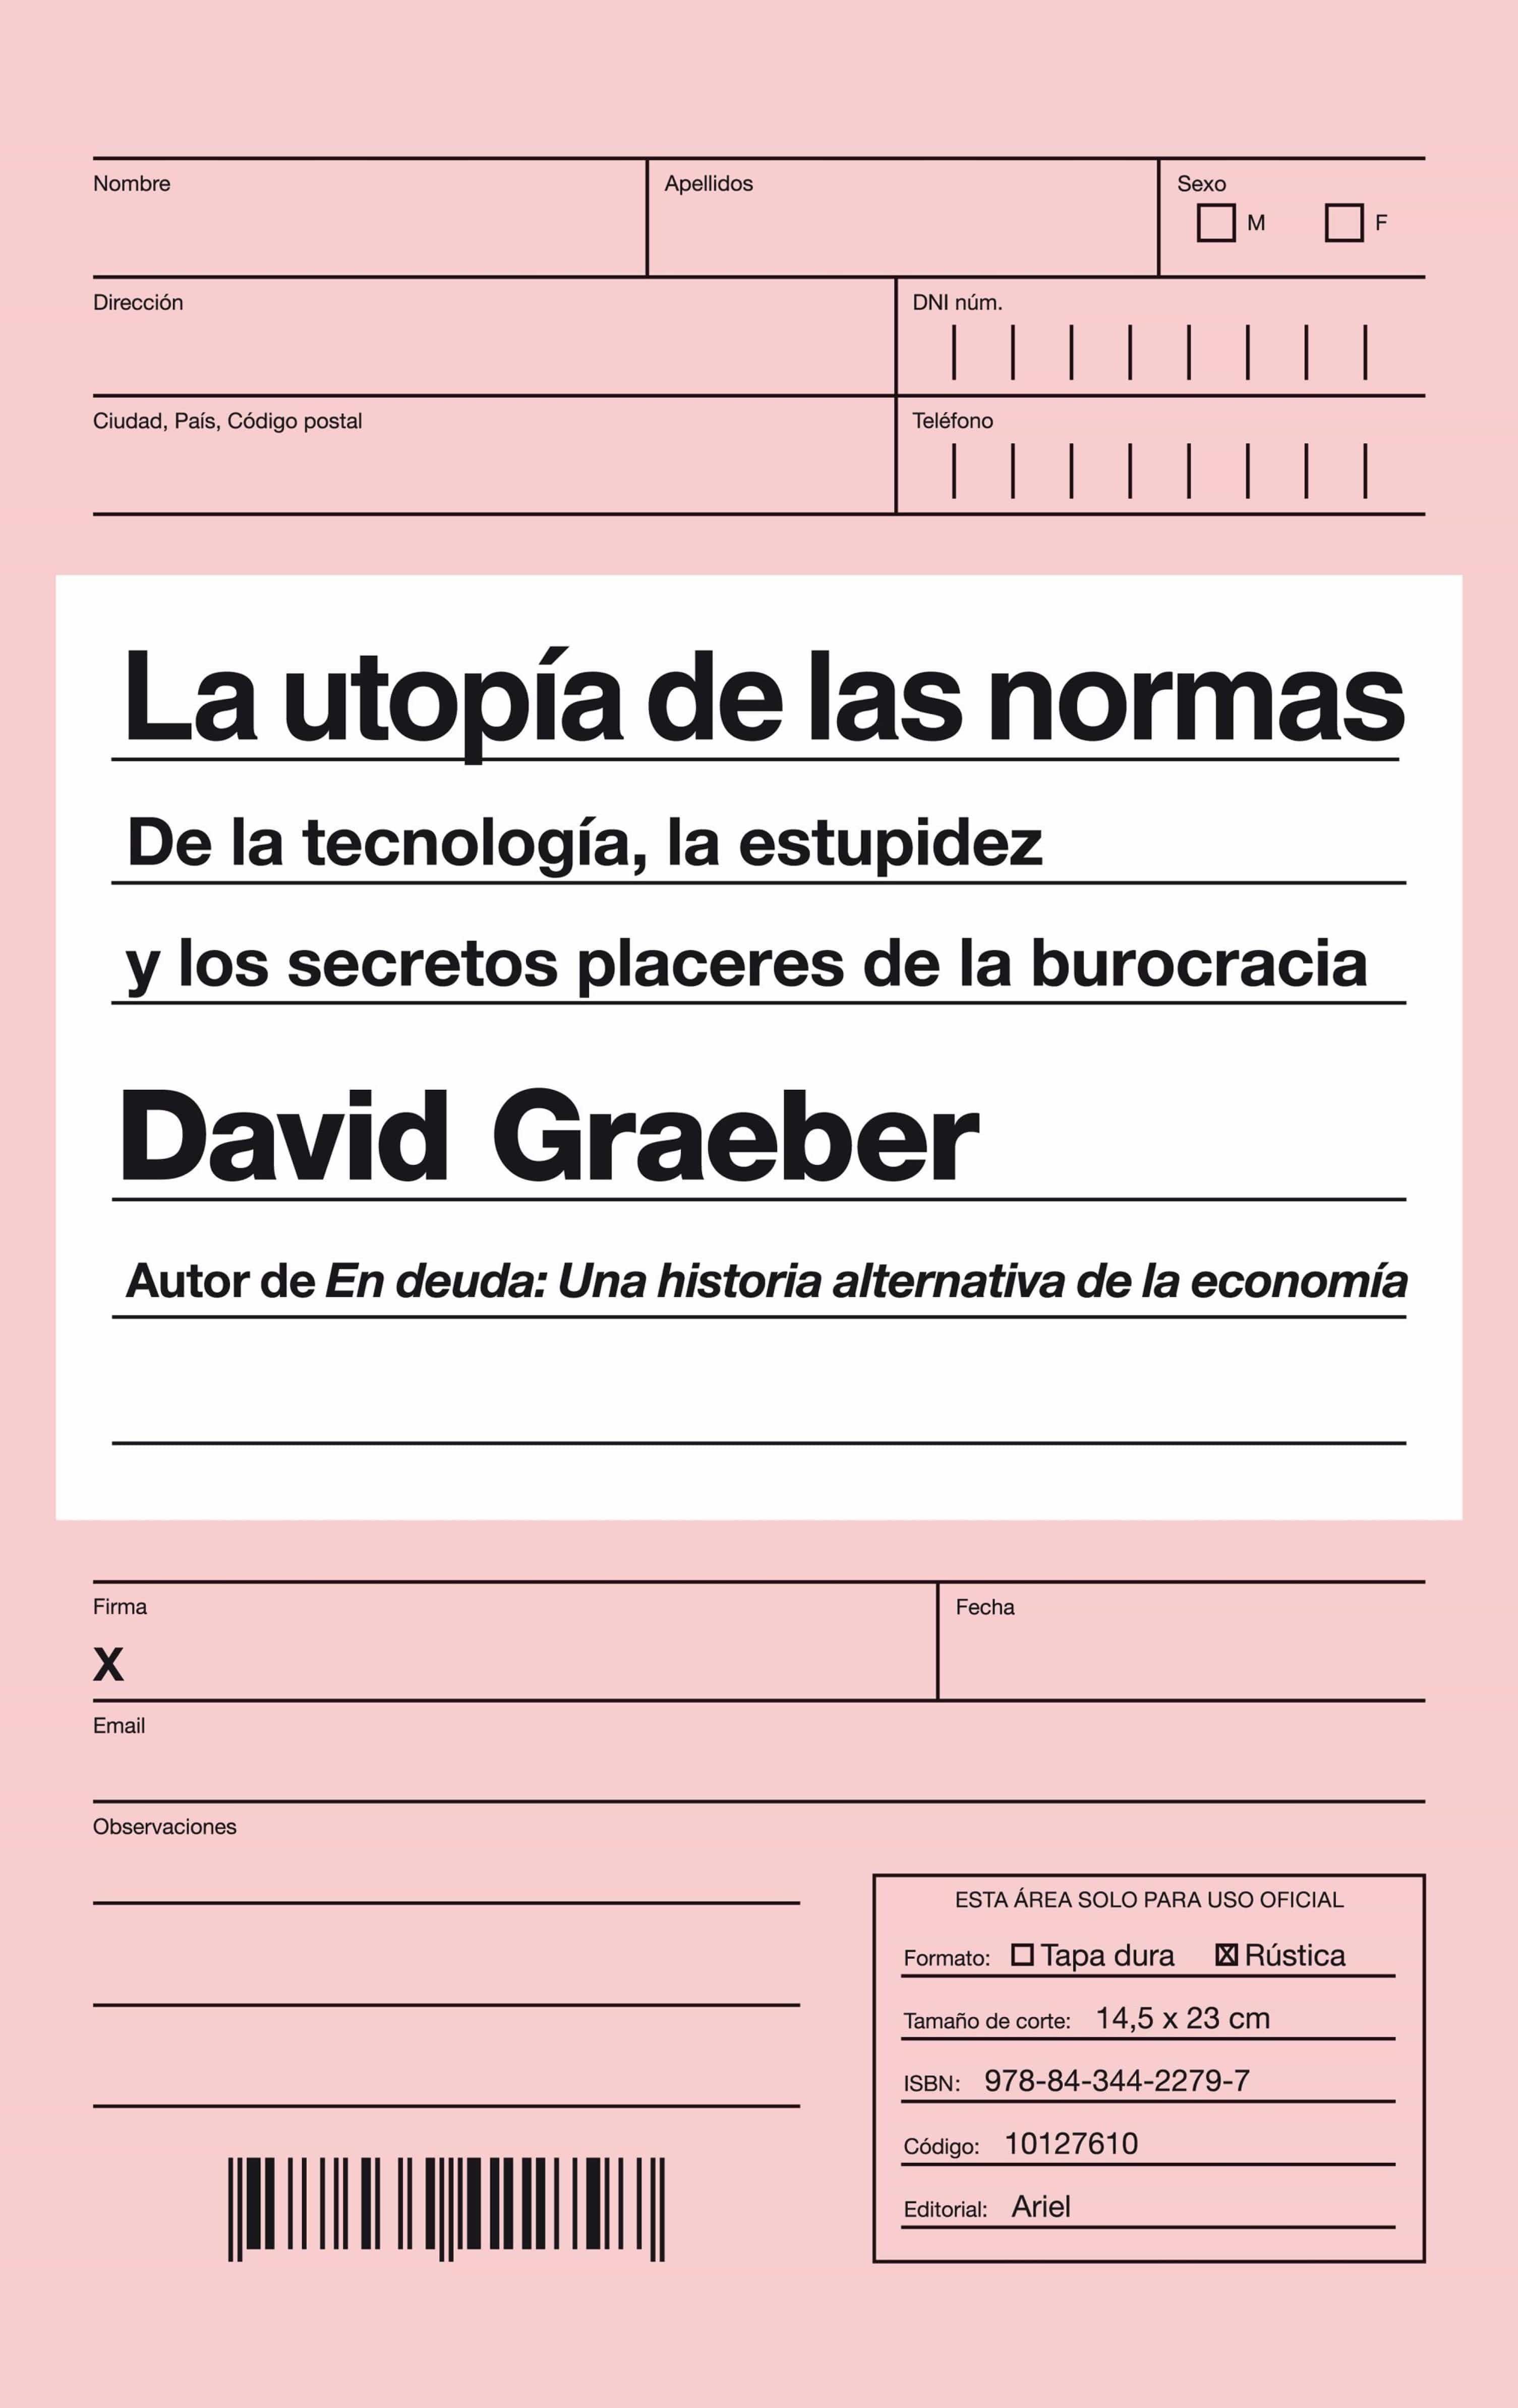 La Utopía De Las Normas   por David Graeber